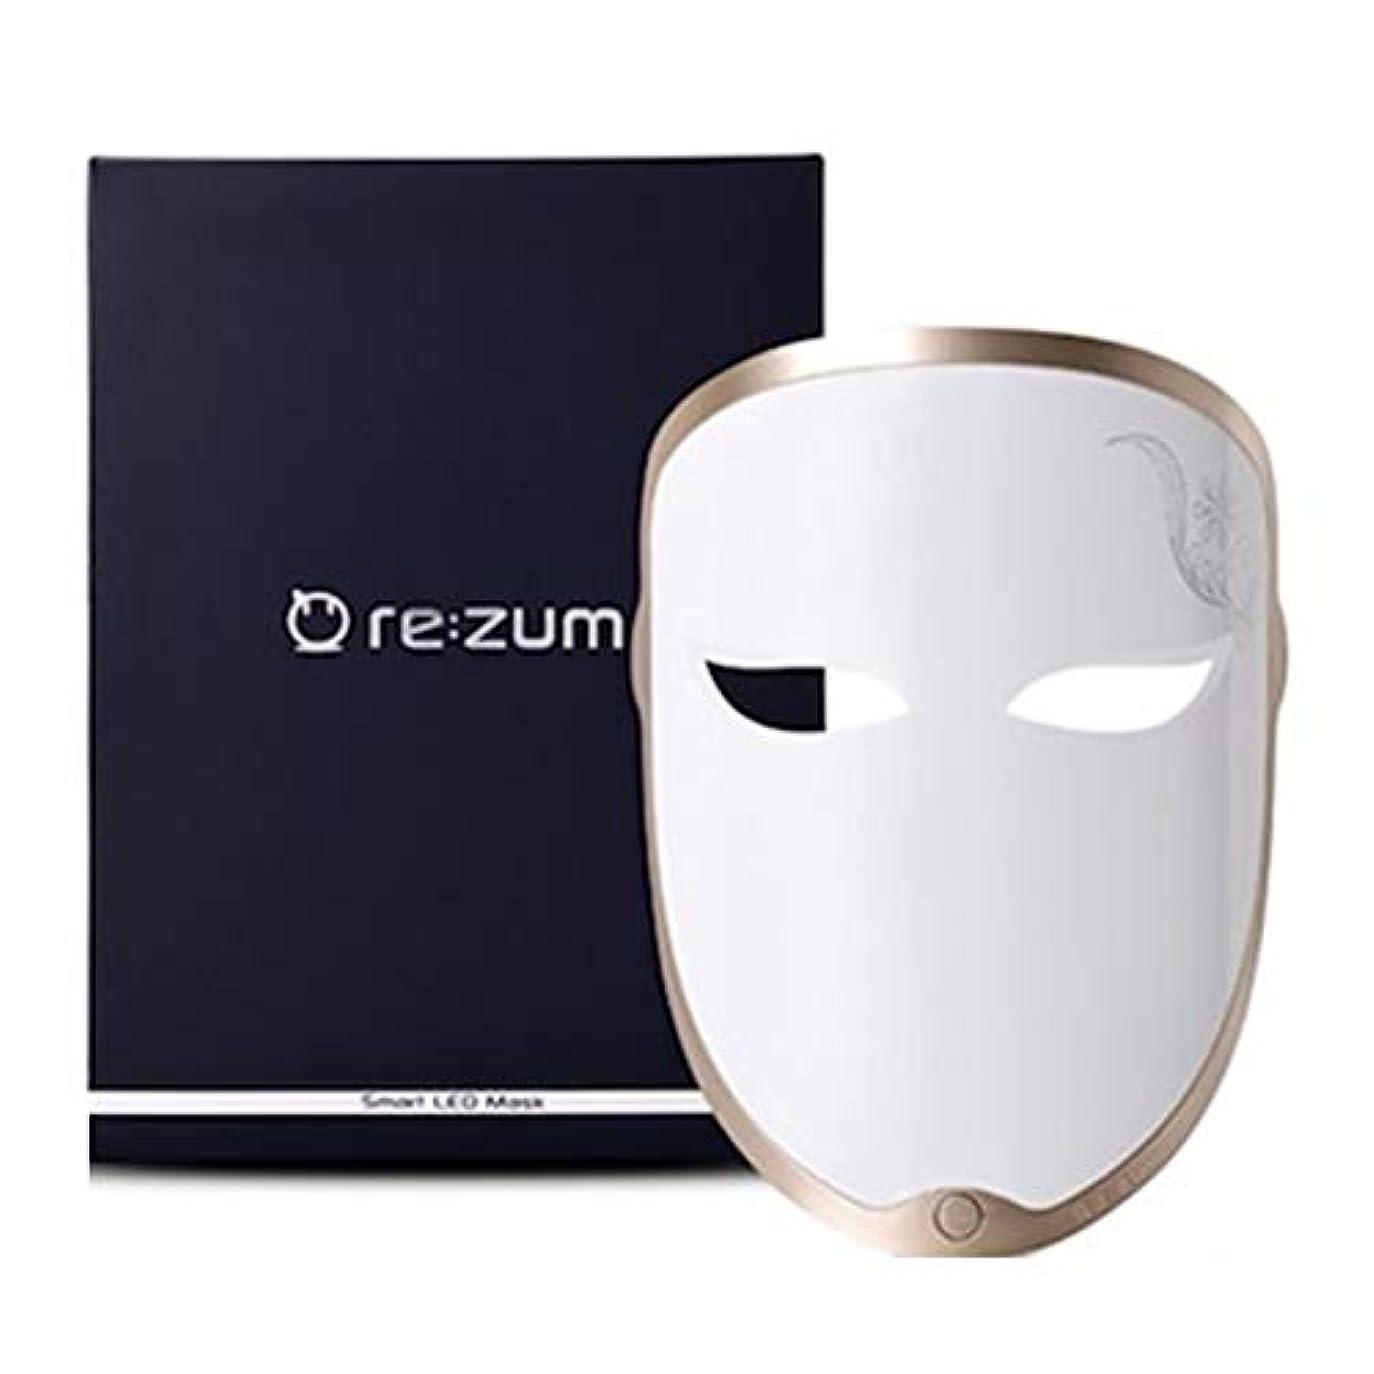 一流ラックとティームREZUM LEDスマートレインボーマスクセルフスキンケア5波長モードホームケア美容機器 USB充電 LED Smart Rainbow Led Mask Self Skin Care 5 Wave Length Mode...